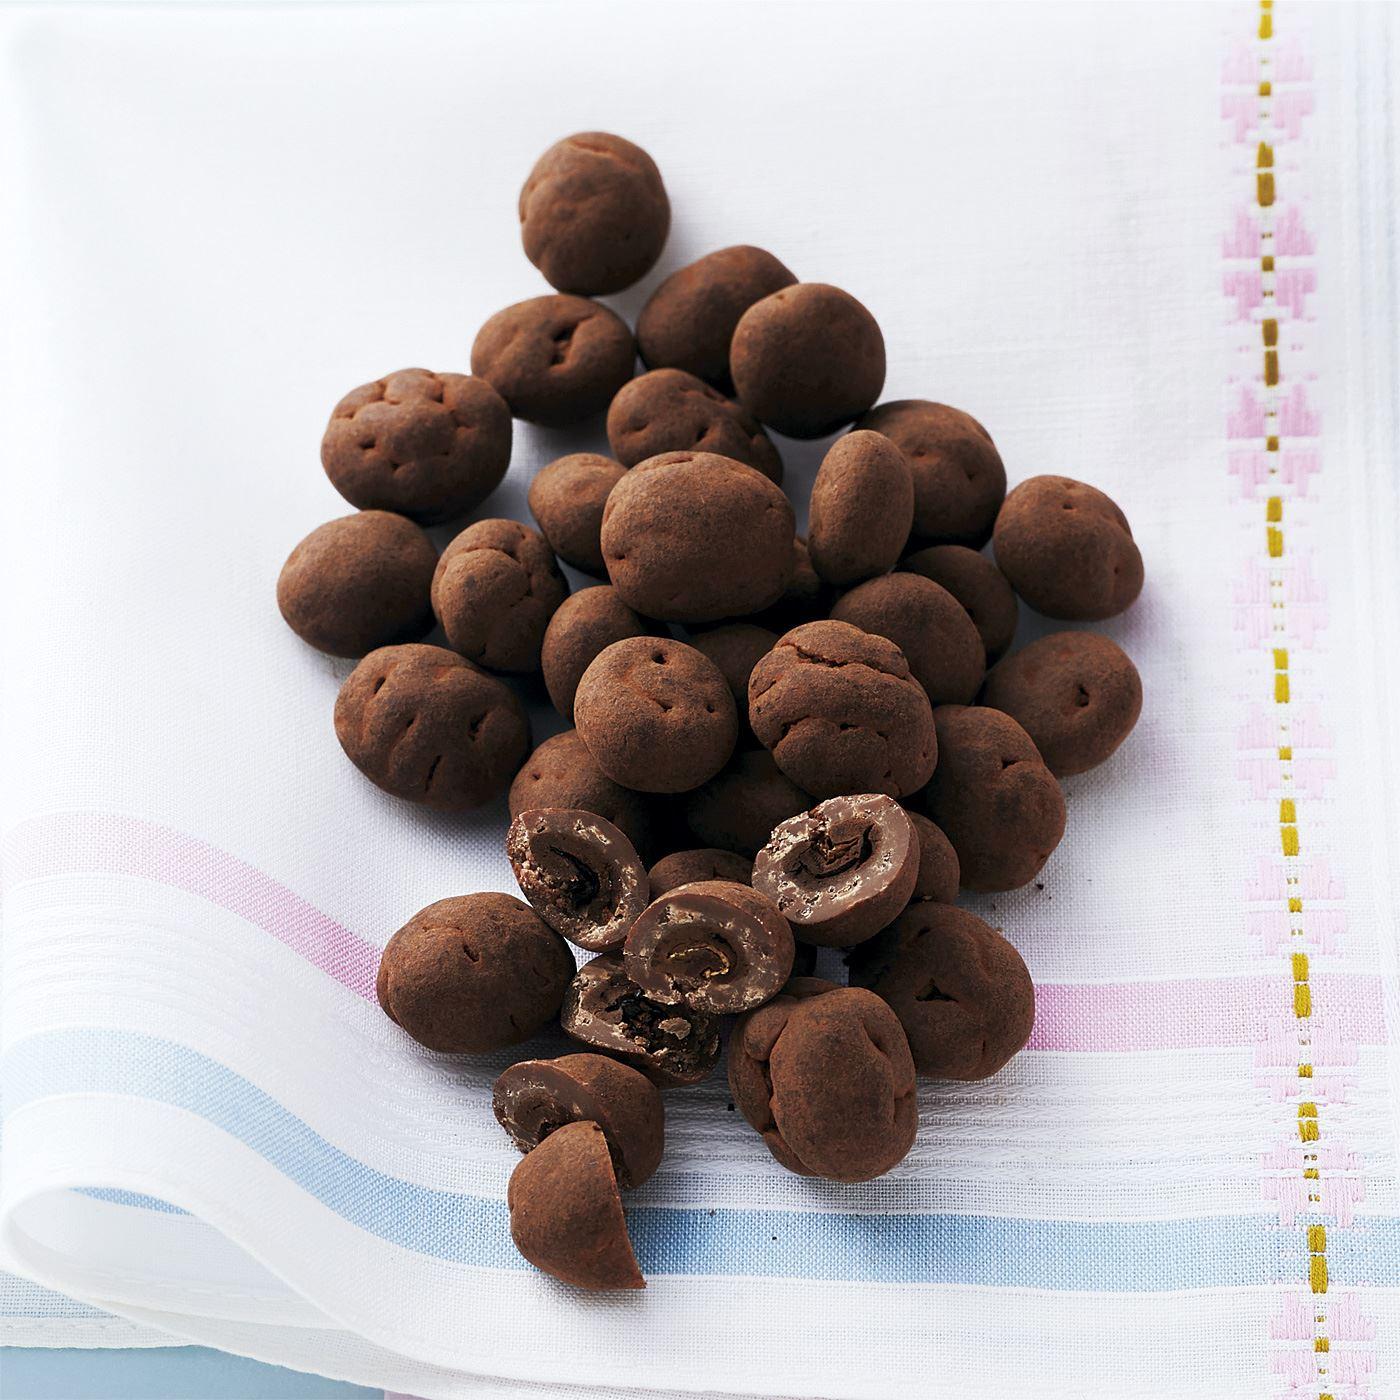 【ホワイトデイお届け】プラスカ コーヒーインチョコレート